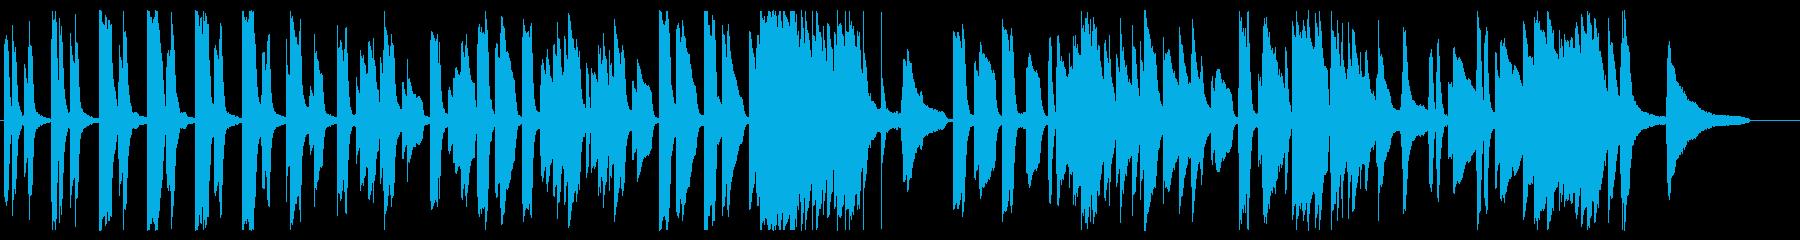 強めな音色でかっこいいメロディーの再生済みの波形